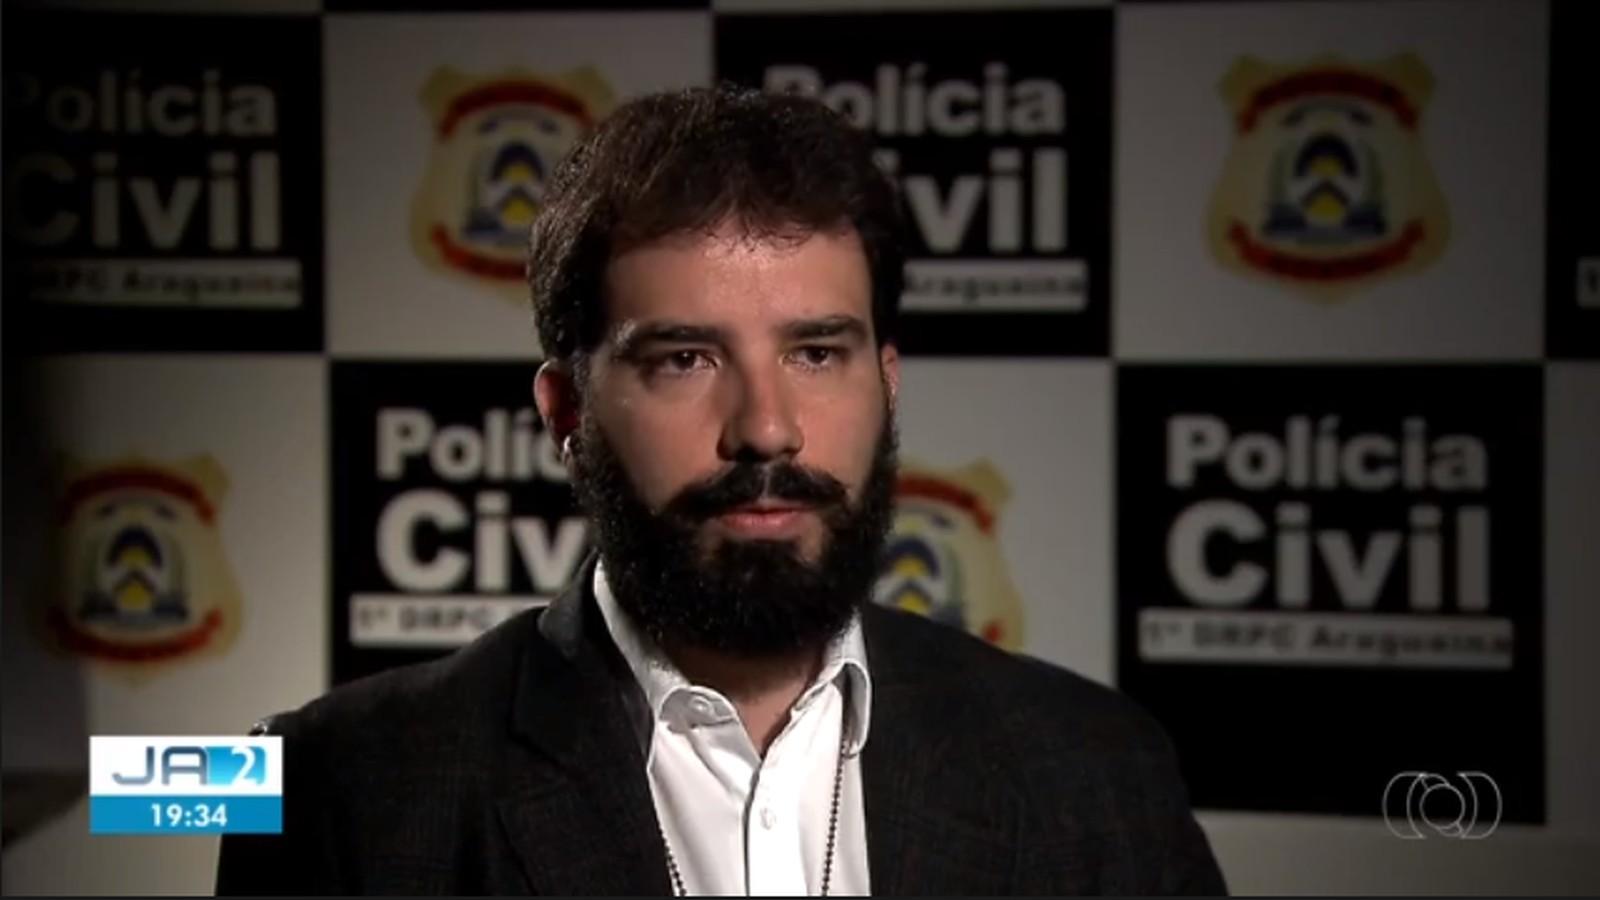 Após investigações envolvendo políticos, governo exonera delegados regionais